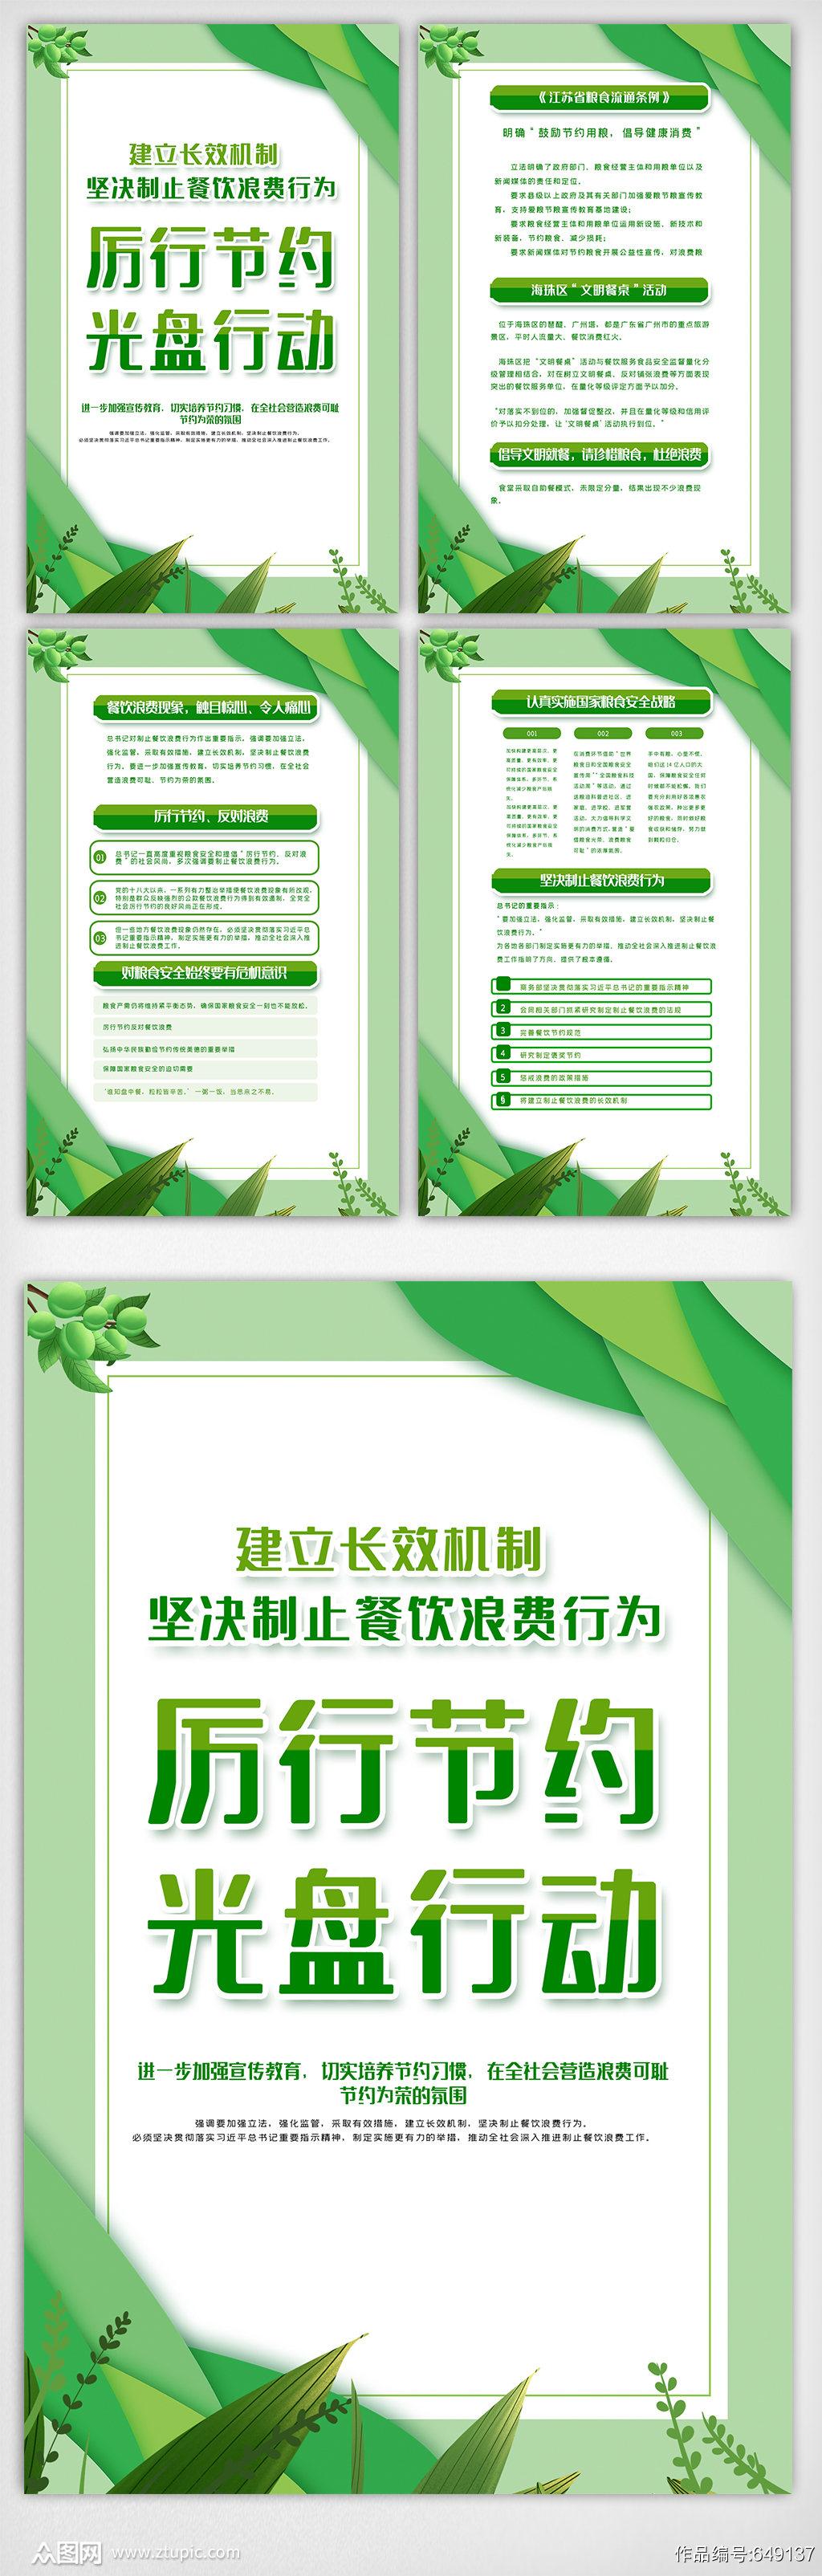 绿色创意厉行节约光盘行动挂画展板素材